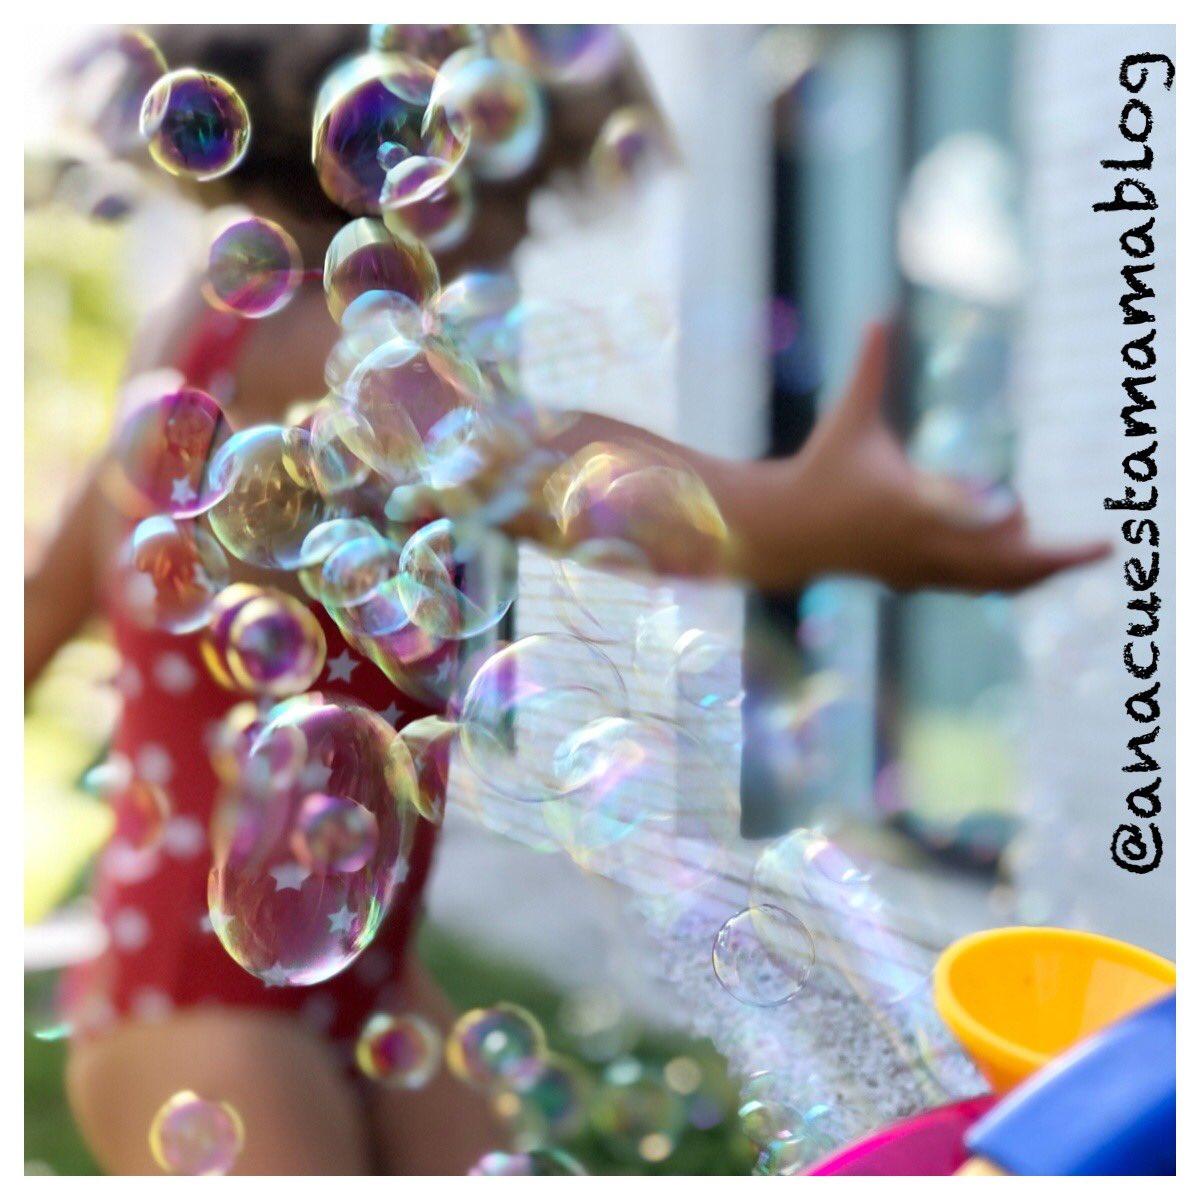 #jugarencasa #pompasdejabon #bubbles  Bañador, agua y pompas para combatir el #calor insoportable que hace en SEVILLA!! Ellos se lo pasan genial aunque haga 45 grados a la sombra... #crianza #maternidad #soydelsur #hijos #madrepic.twitter.com/KjtBbZ8hoL